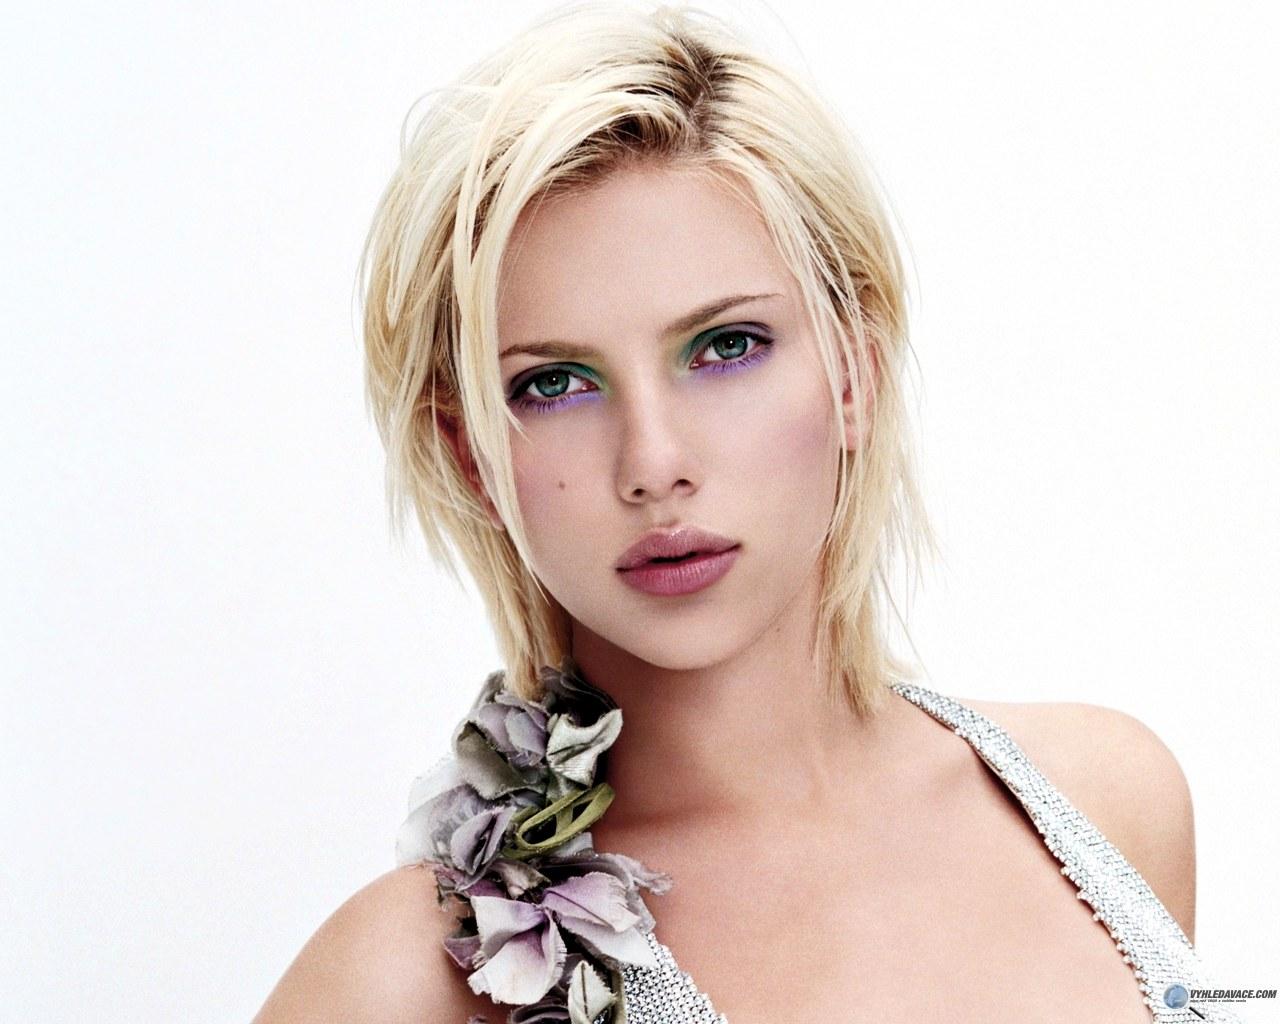 http://3.bp.blogspot.com/-LdW67bRh_Qg/Tv7eTHKNJtI/AAAAAAAAAUA/cPU0UsoKwig/s1600/Scarlet_Johanson_7577.jpg